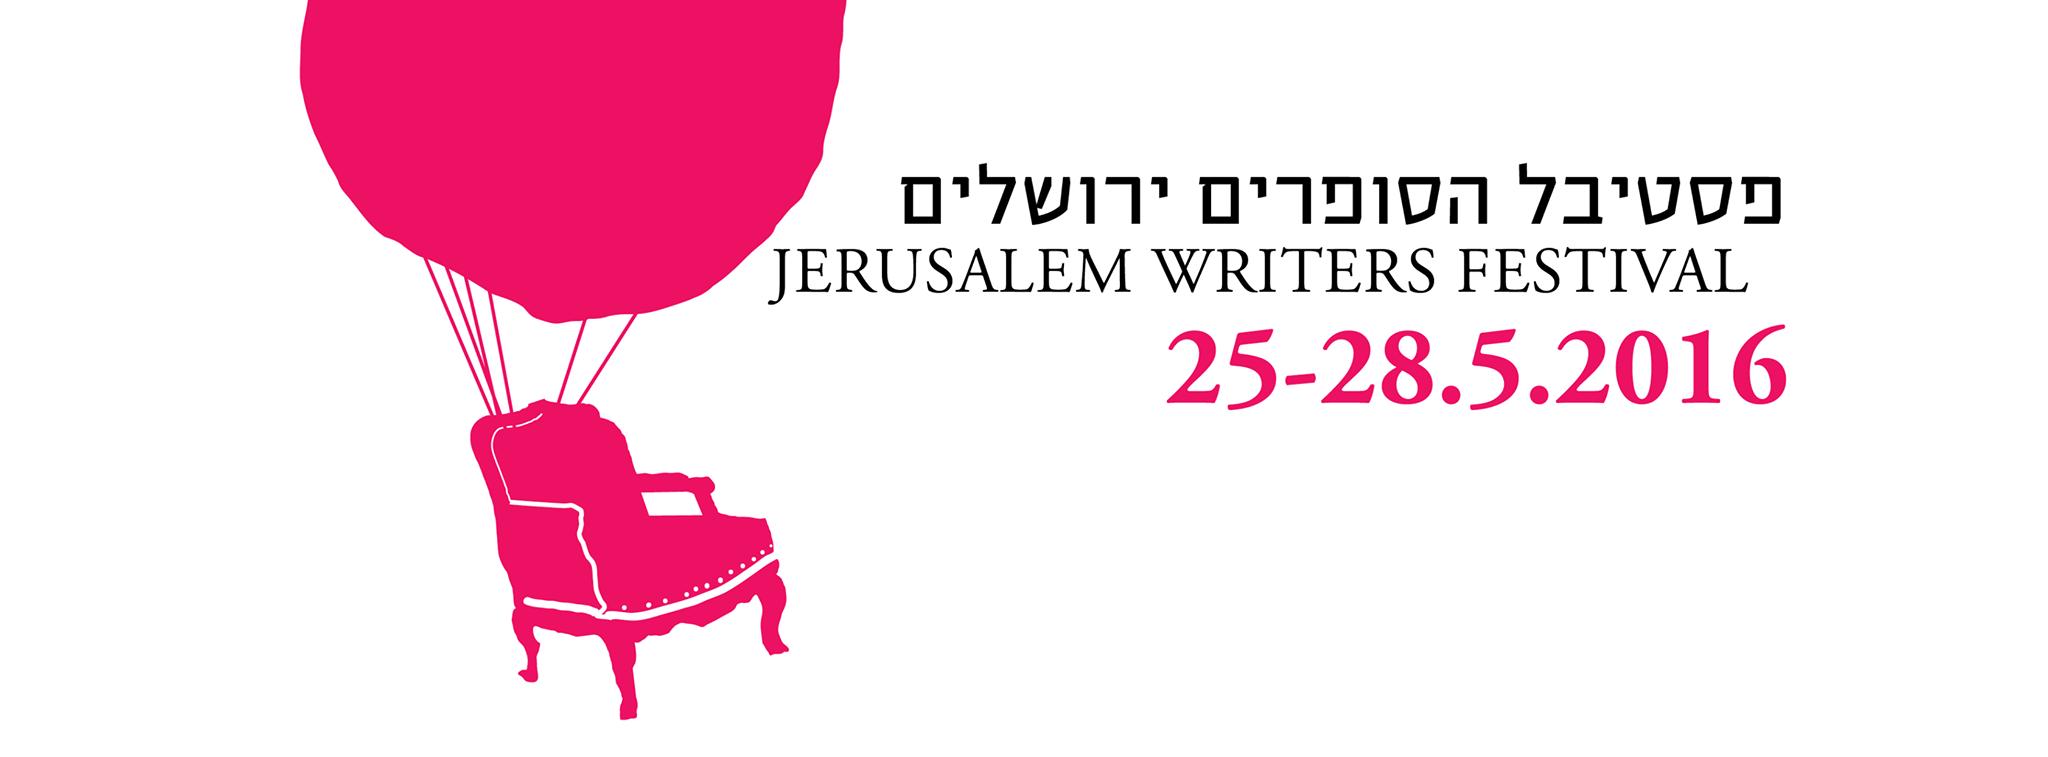 5-й Международный литературный фестиваль в Иерусалиме.